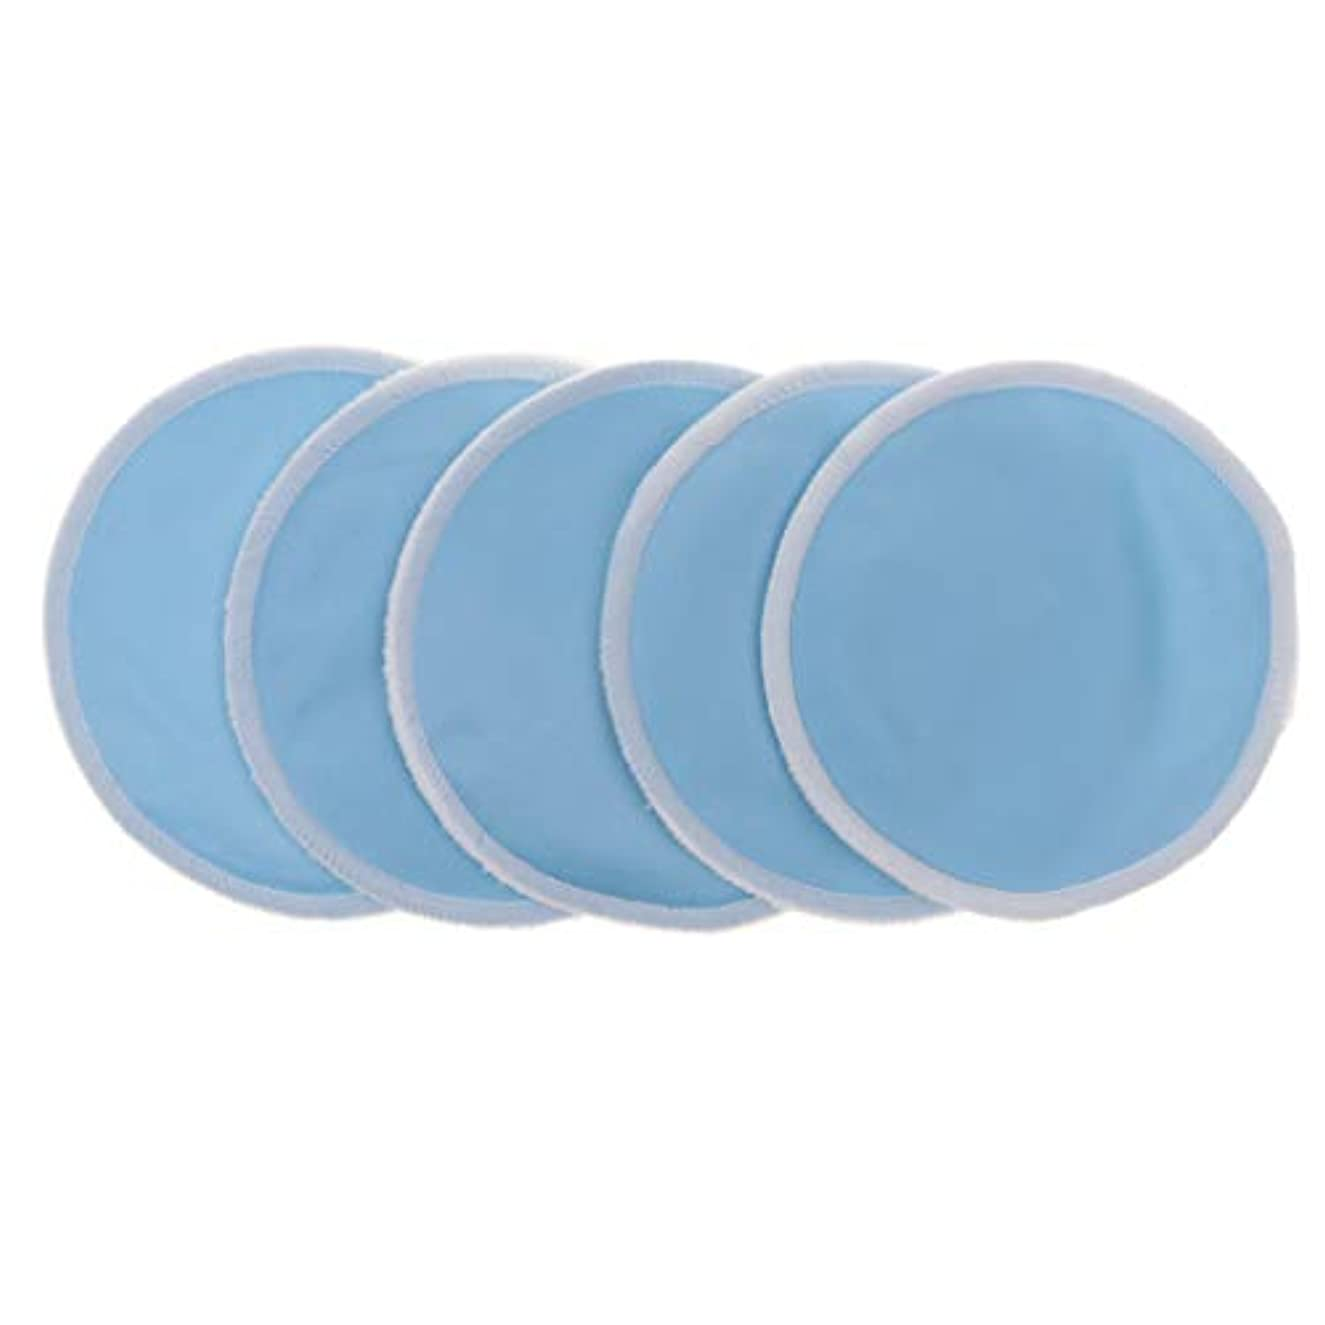 考える医薬品小麦D DOLITY 全5色 胸パッド クレンジングシート メイクアップ 竹繊維 12cm 洗える 再使用可 実用的 5個入 - 青